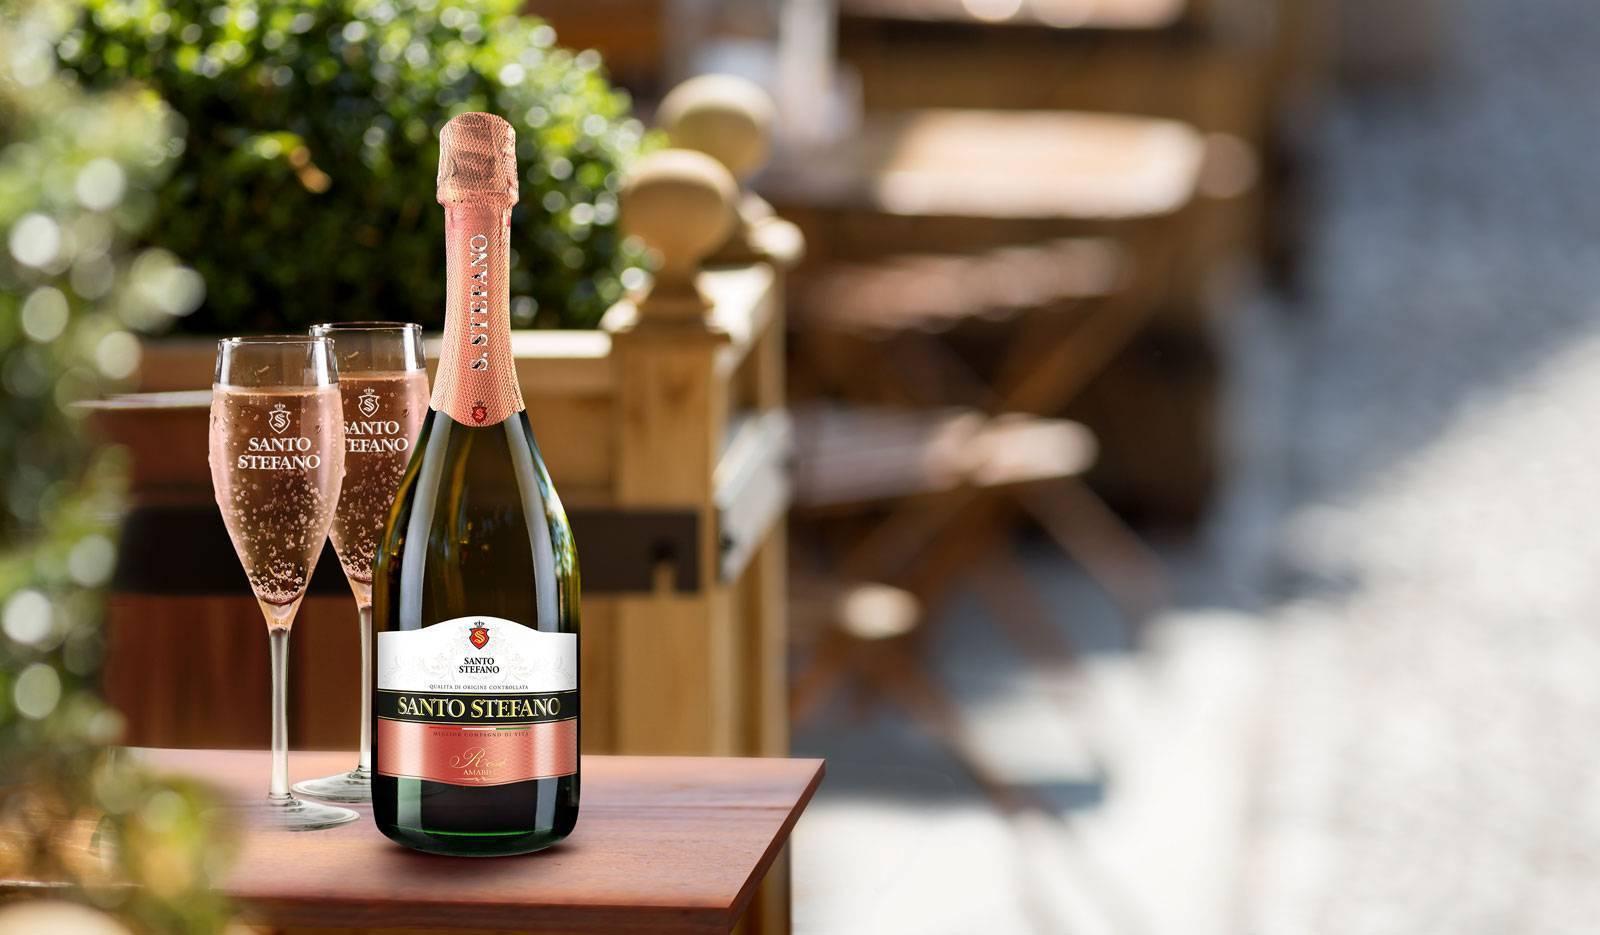 Санто стефано (santo stefano) шампанское розовое, фиолетовое, красное. виды, вкусы, фото, отзывы, цена, где купить